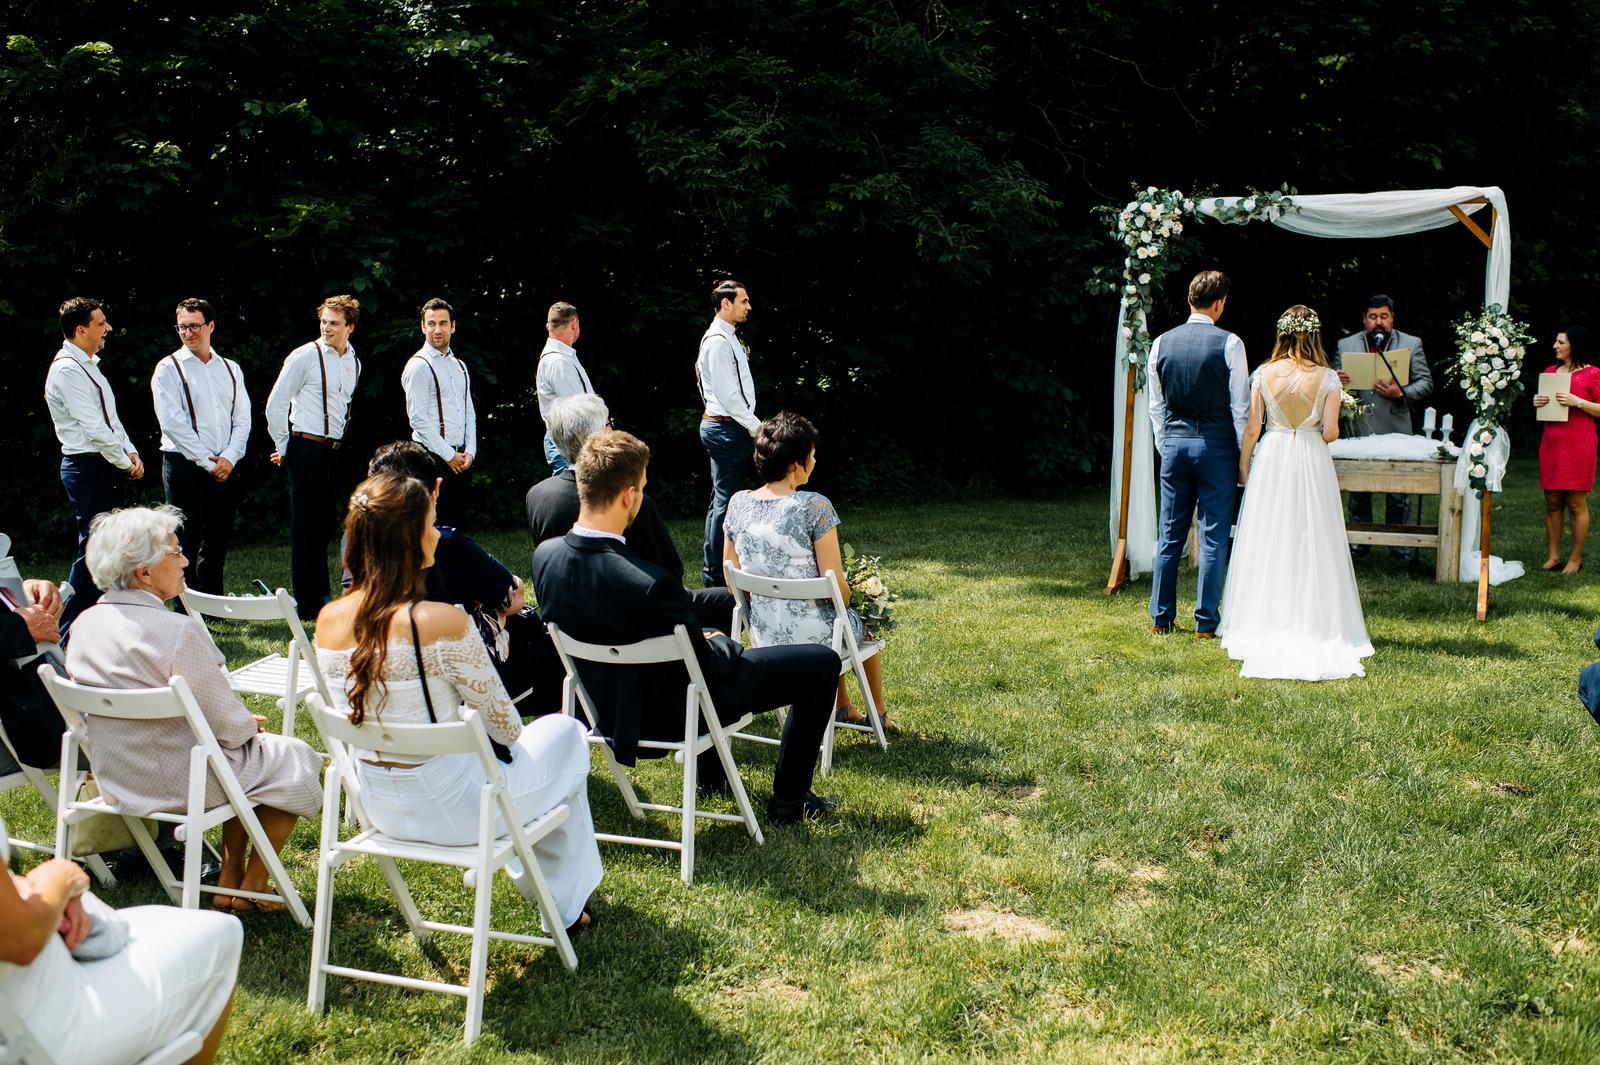 Prodám svatební slavobránu - Obrázek č. 1